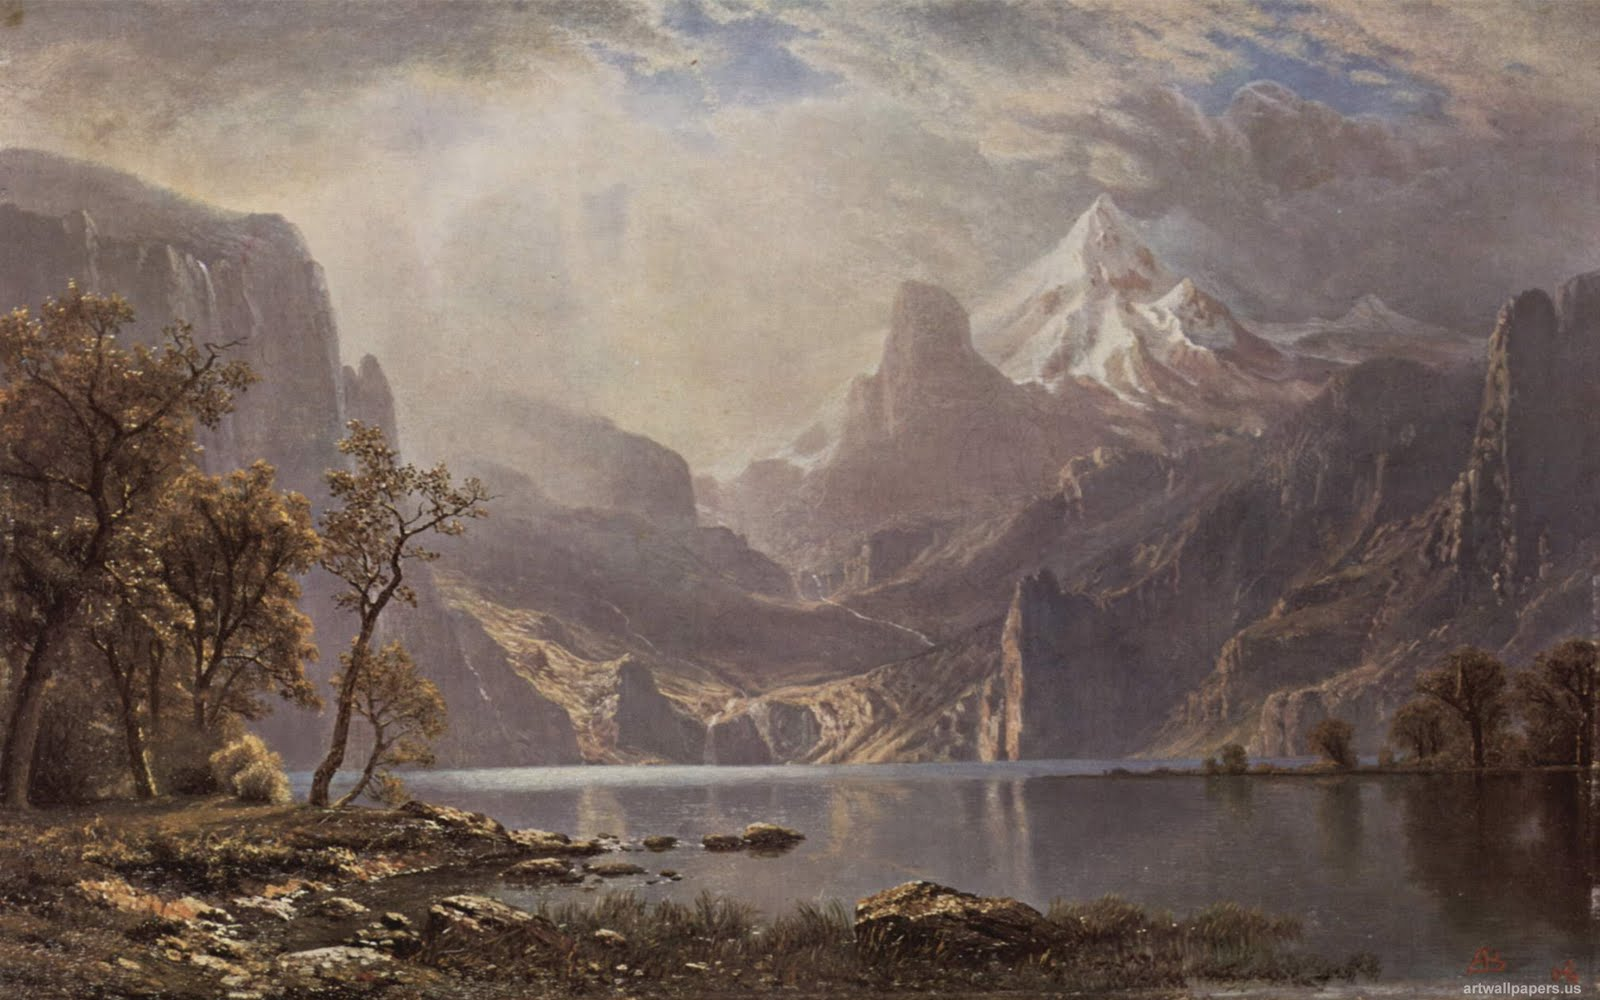 Art Wallpapers Albert Bierstadt Wallpapers